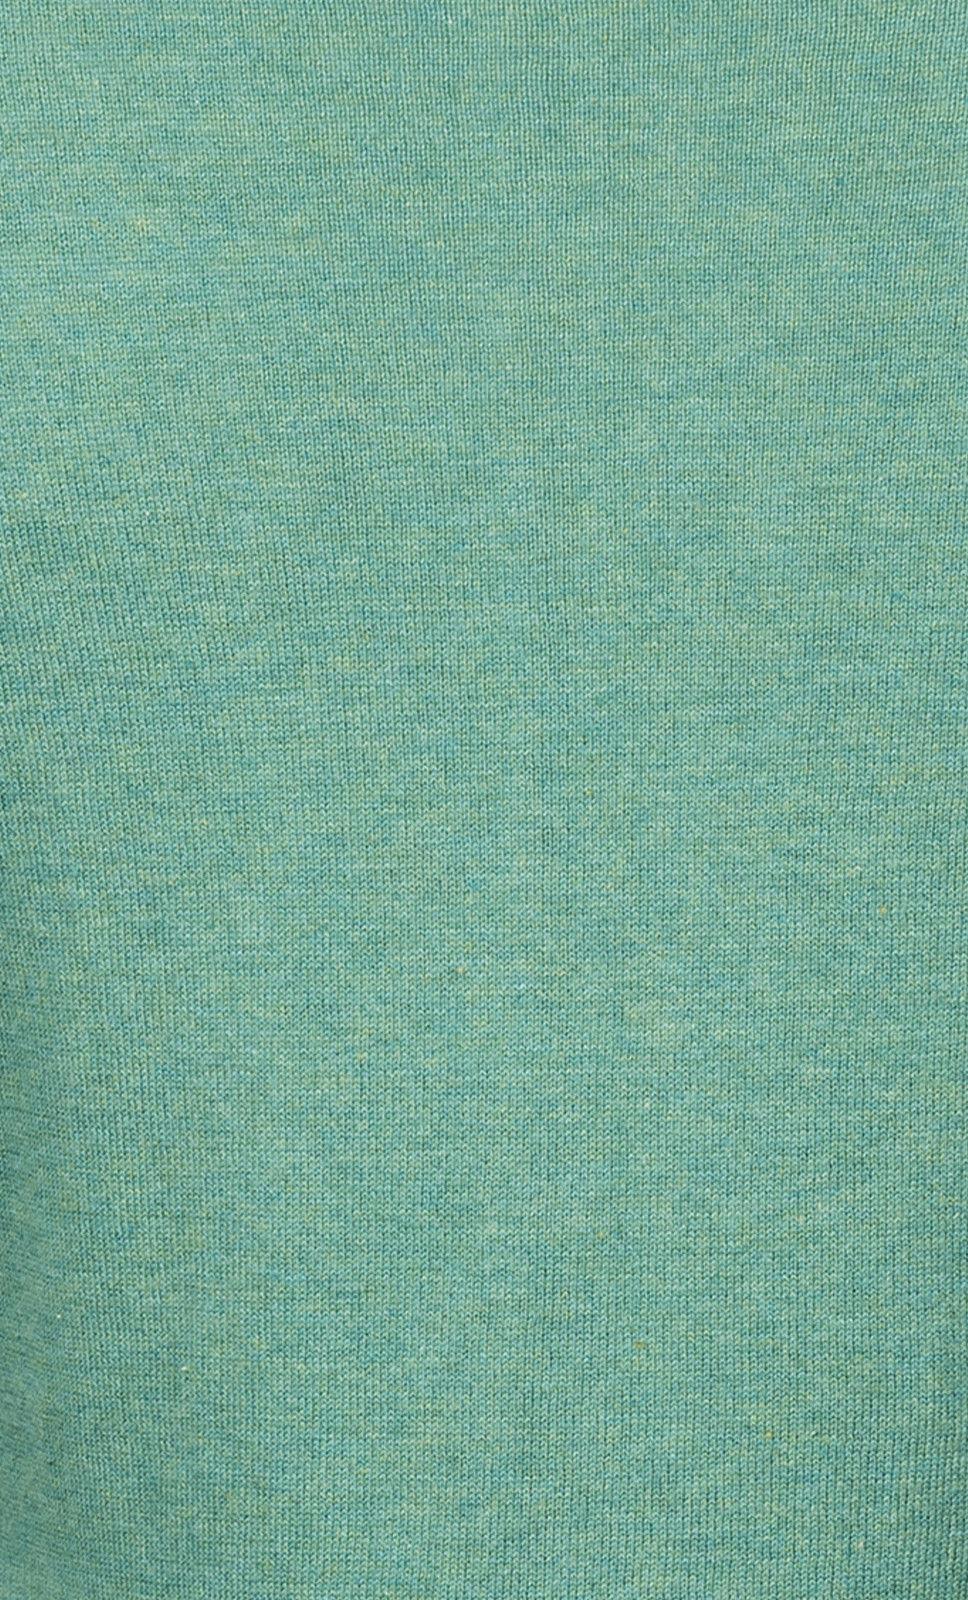 Cocoon-Viridis-Green-